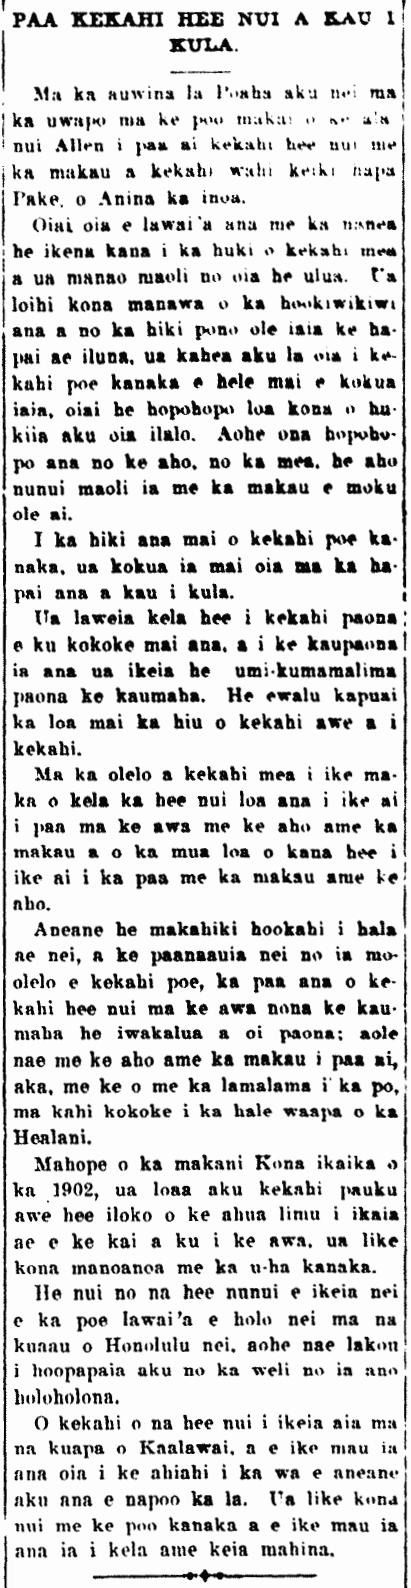 Kuokoa_7_10_1908_6.png